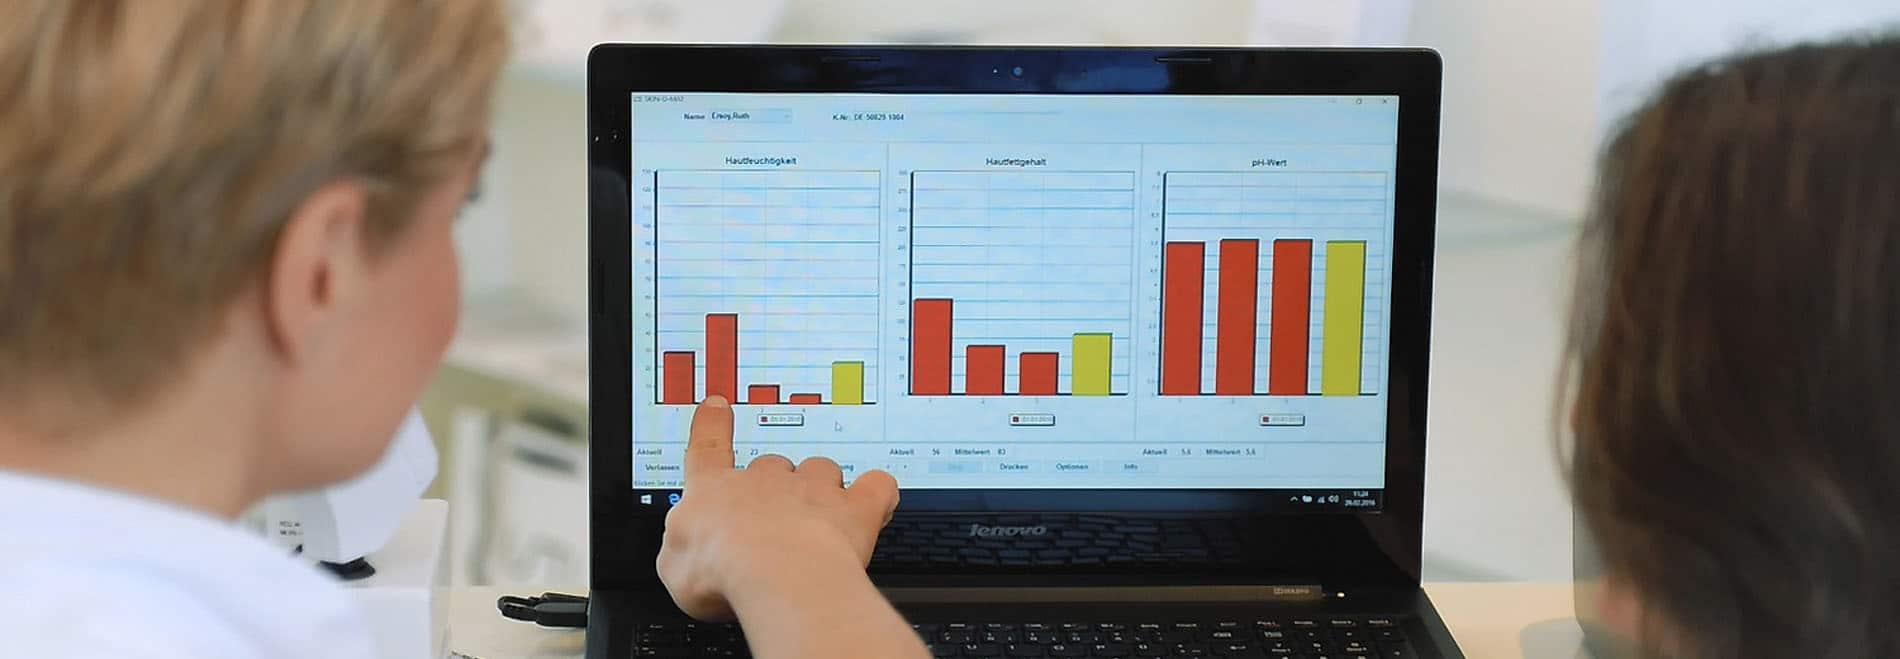 Software für die Auswertung der professionellen Hautanalyse